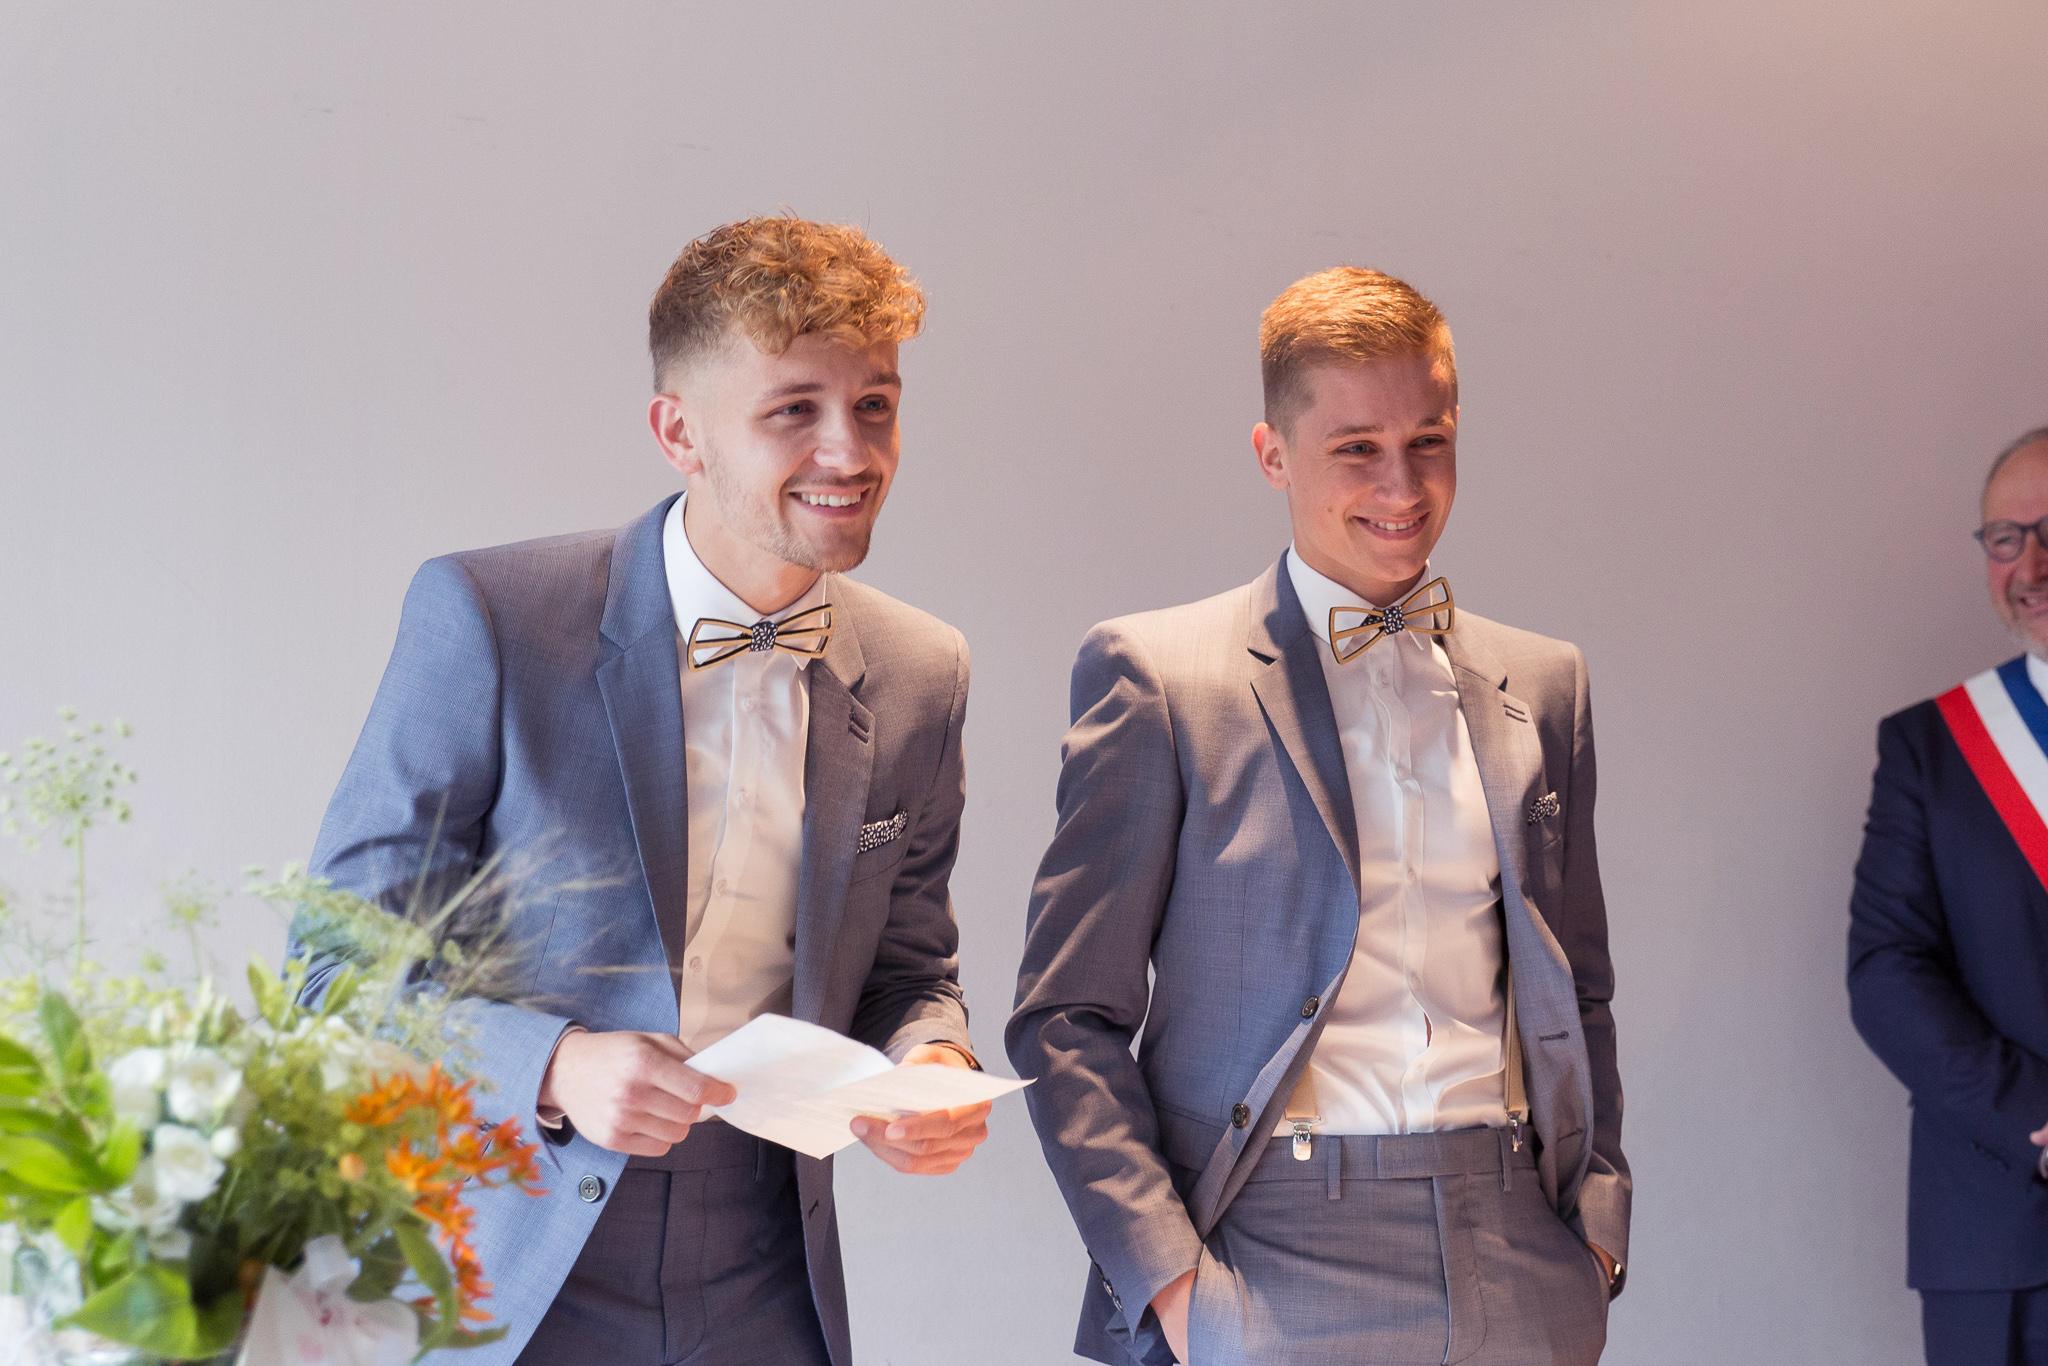 mariage wedding nantes noeud papillon bois atelier dernest 15